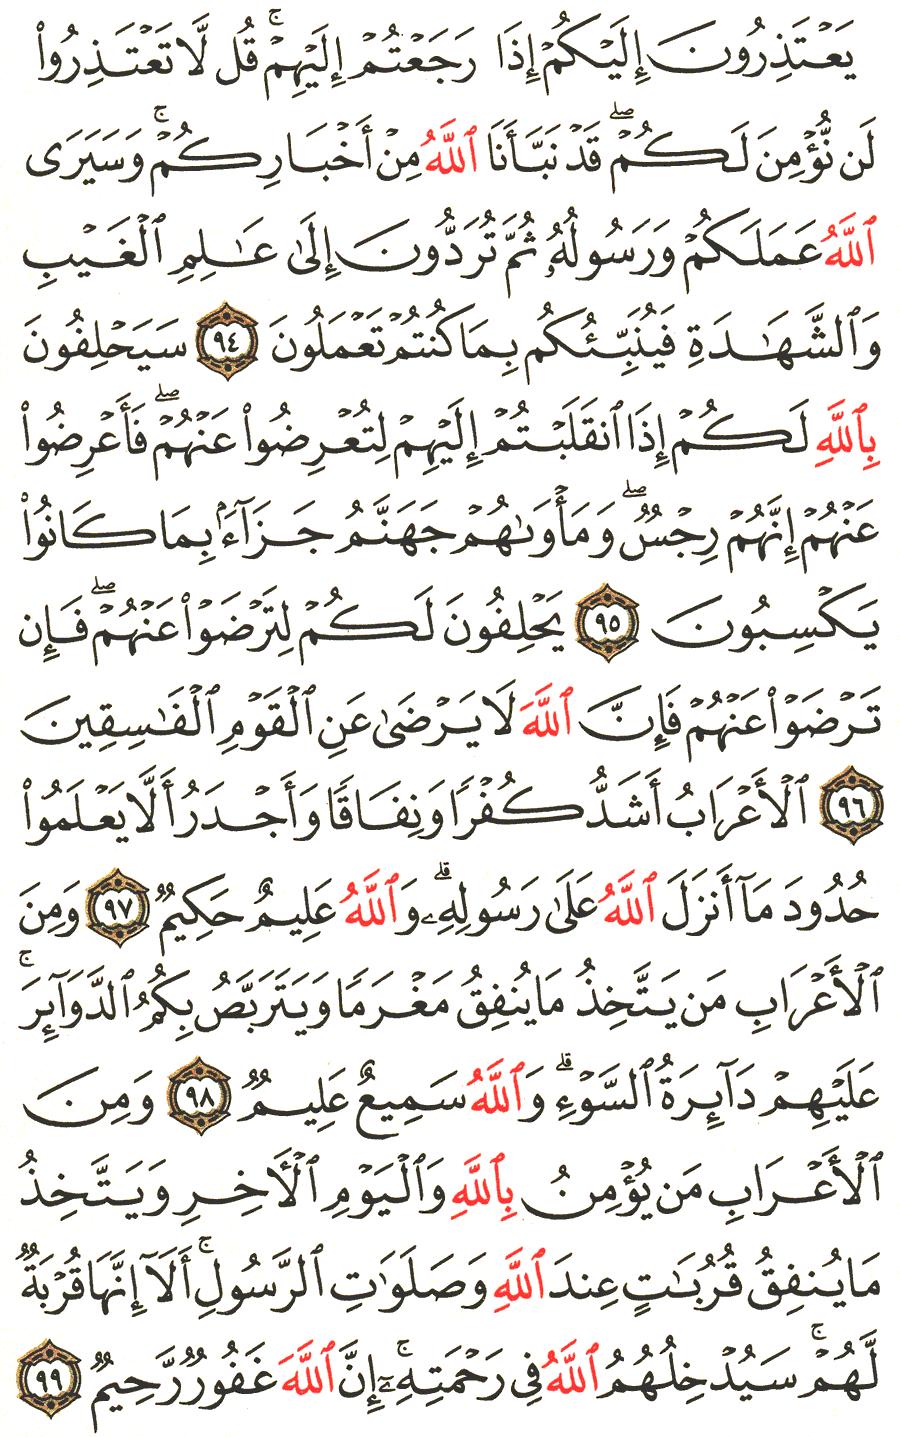 تفسير الآية 94 إلى 99 من سورة التوبة التفسير الميسر